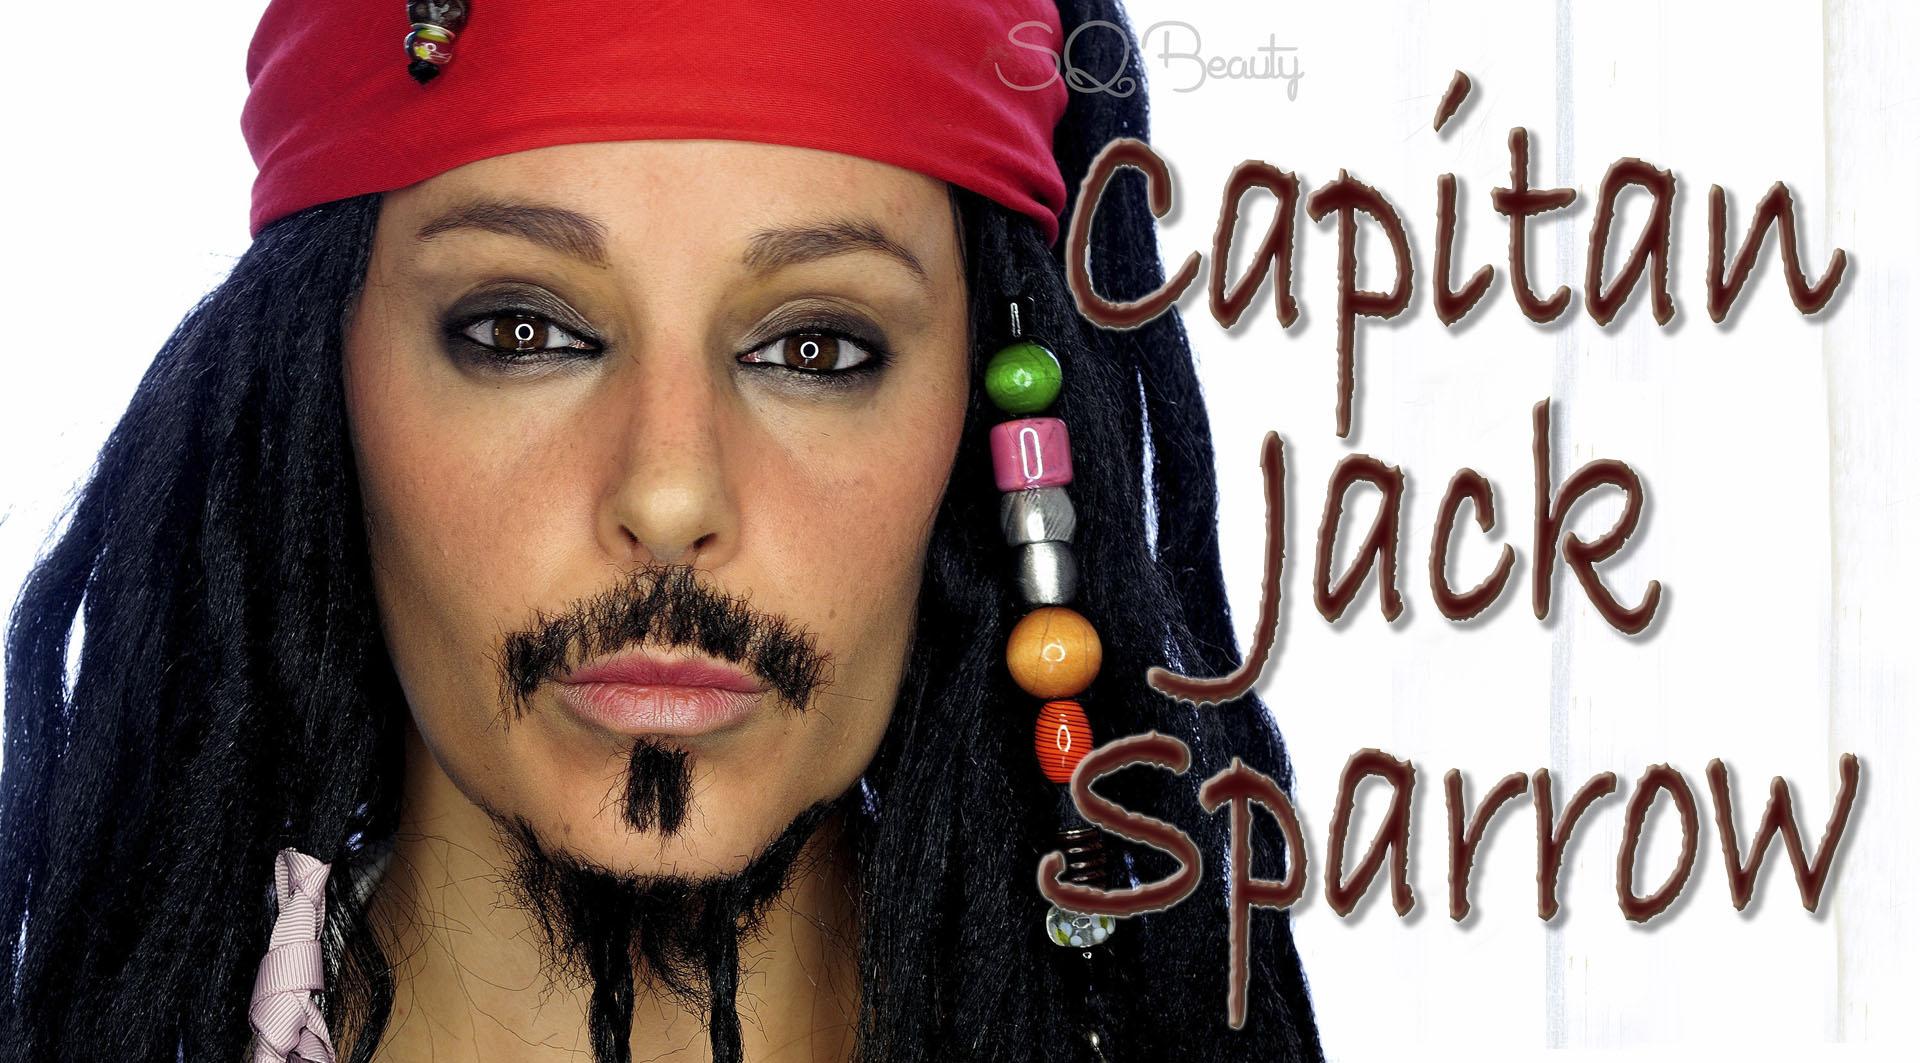 Jack Sparrow Makeup - Mugeek Vidalondon